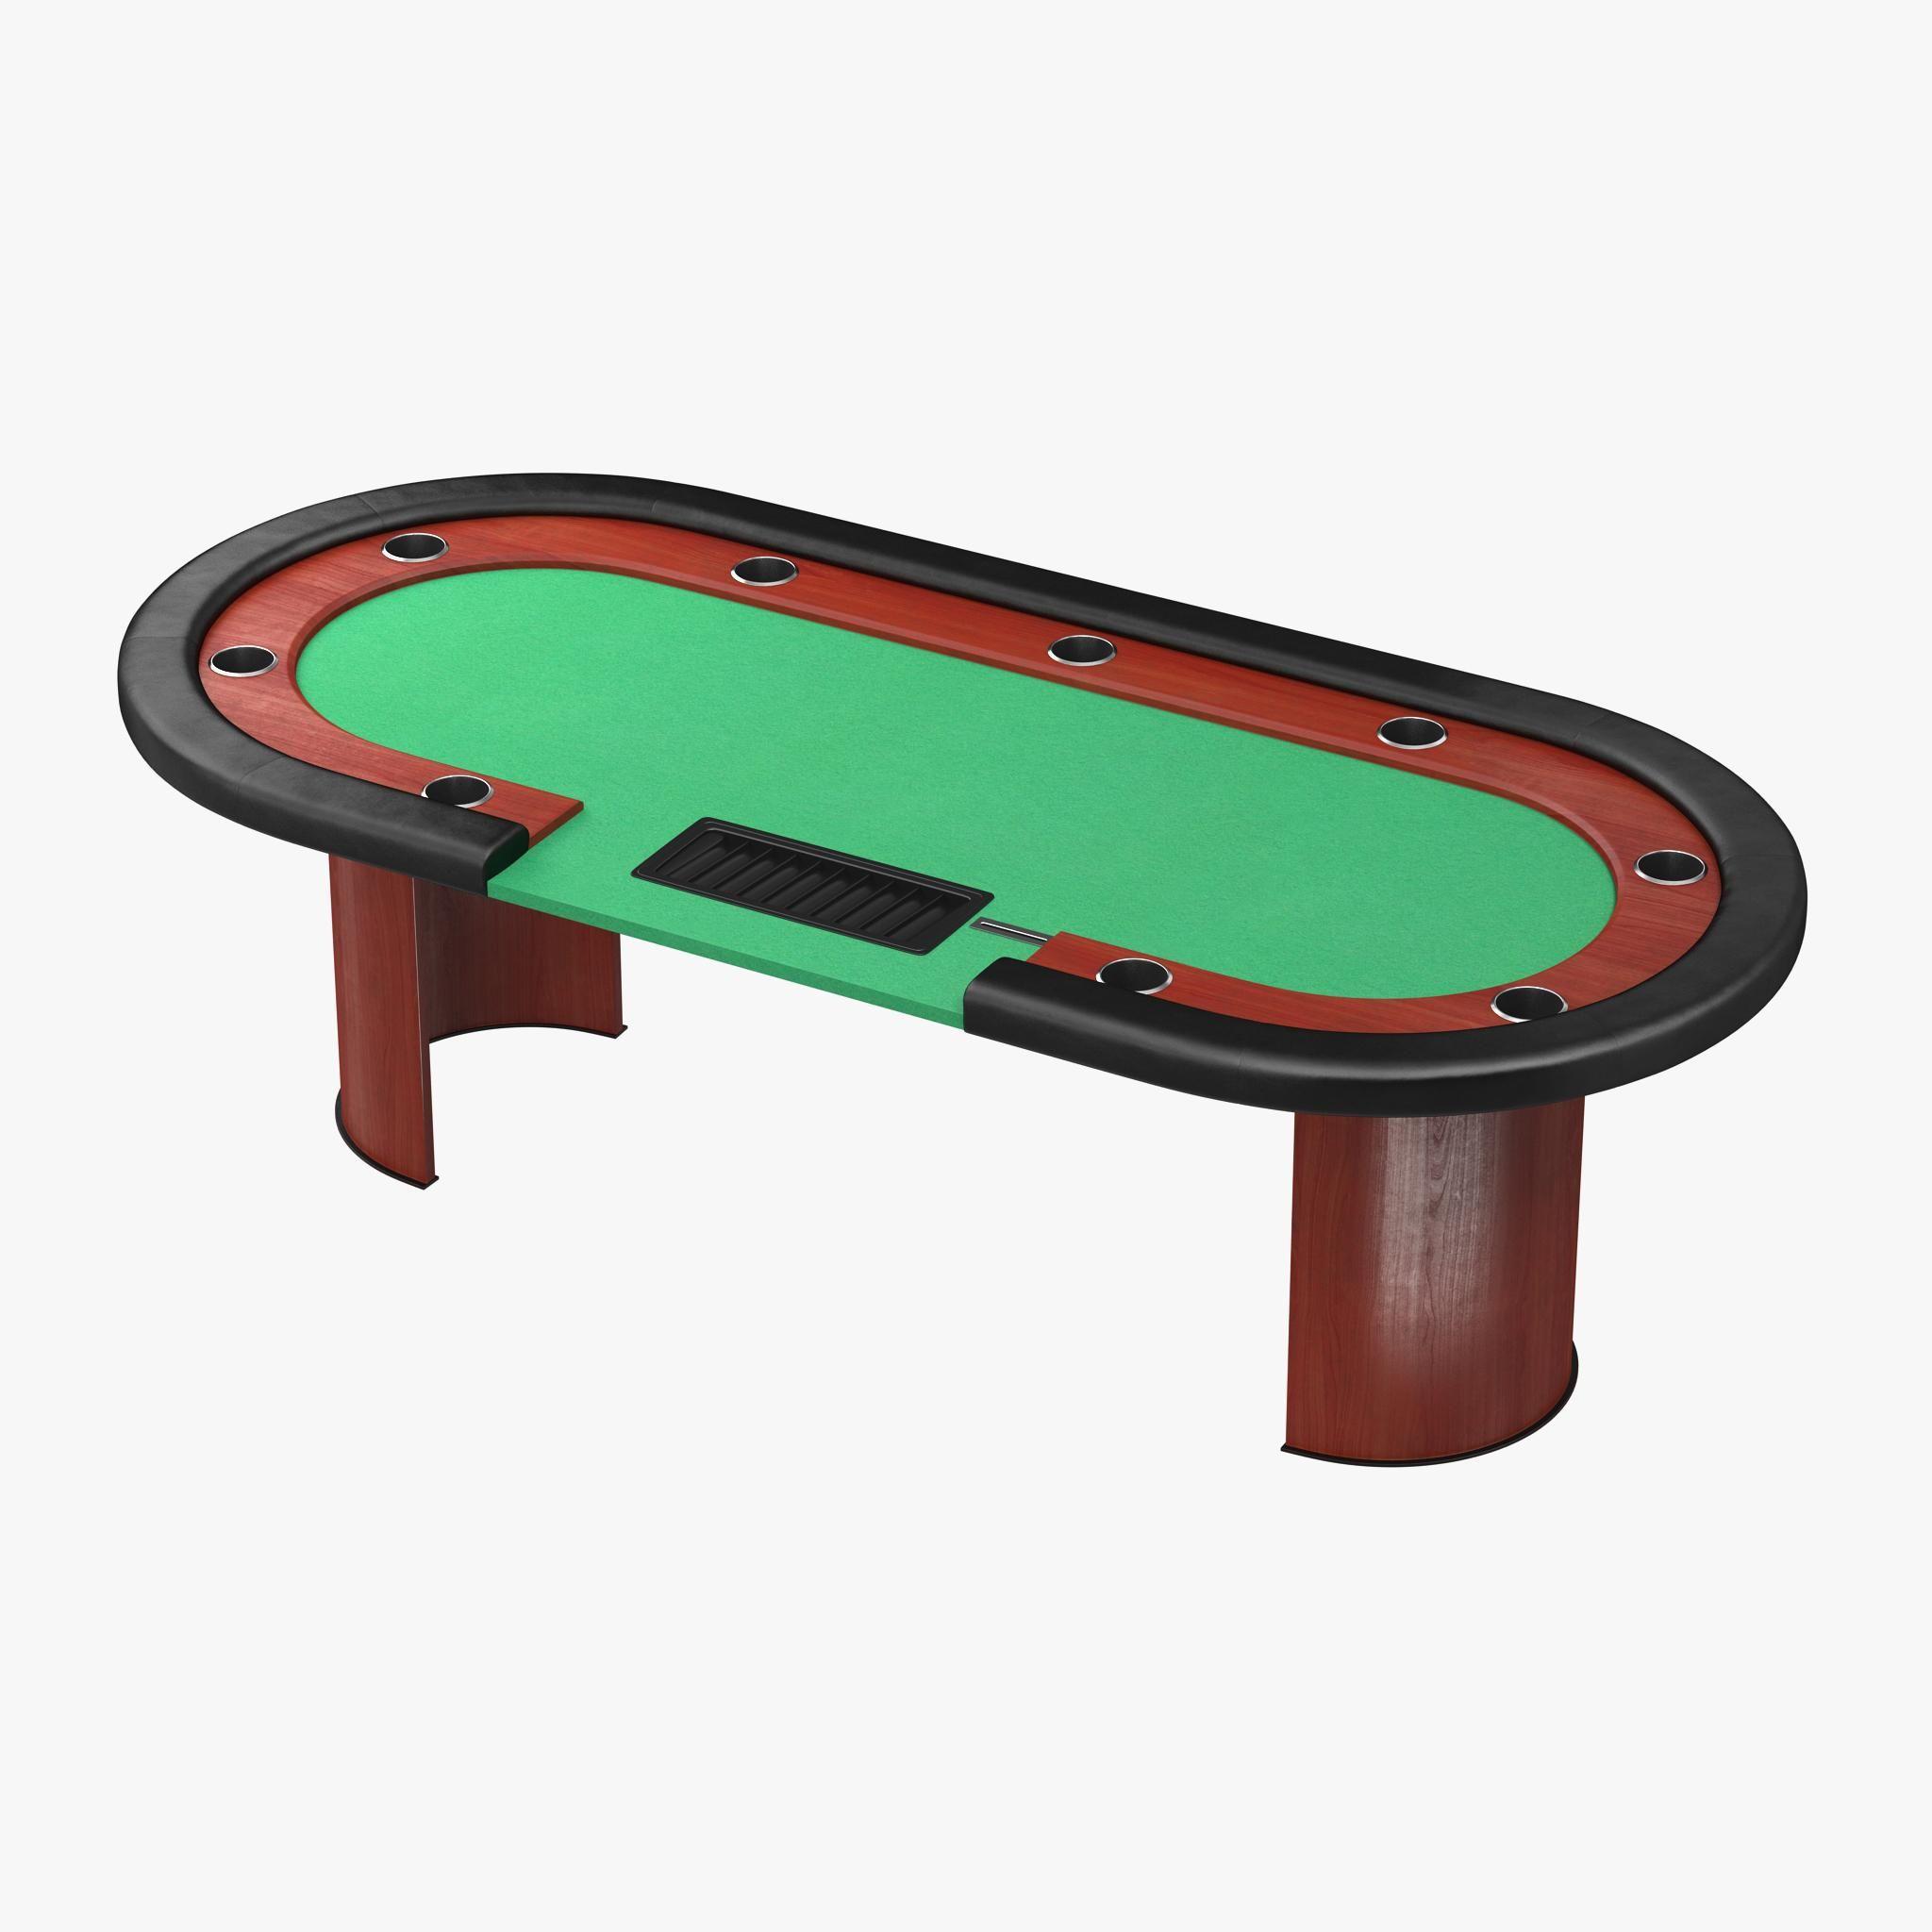 Casino poker table 3d model ad pokercasinomodeltable